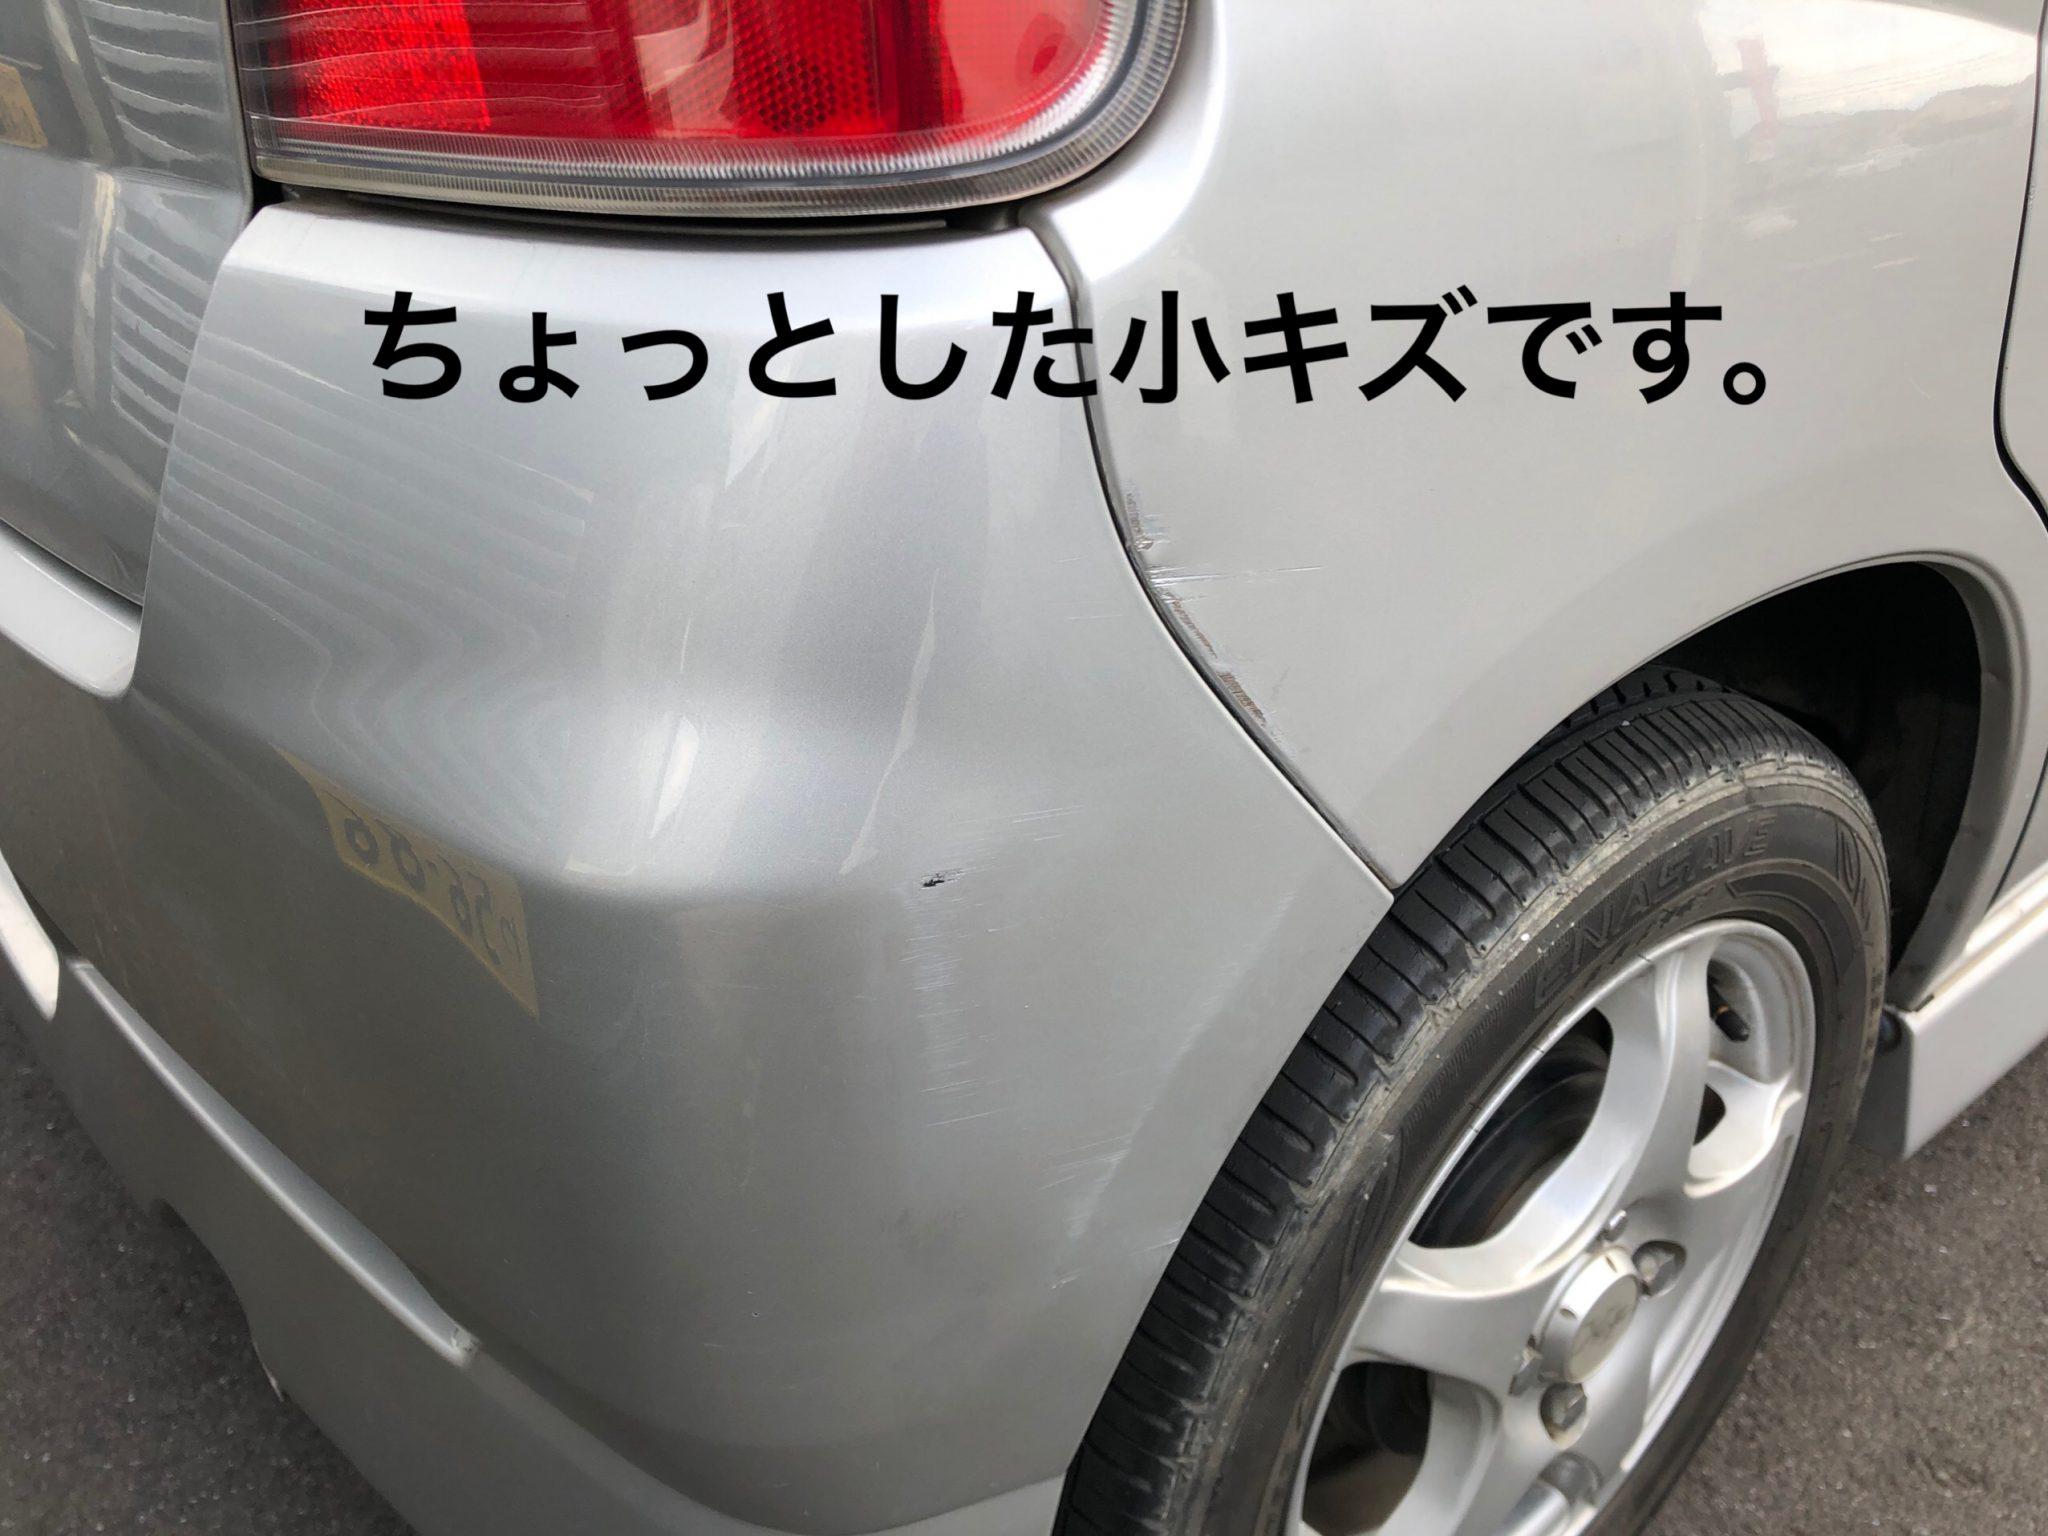 車 傷 修理 安い コバックの鈑金 スズキ MRワゴン 右後ろ バンパー